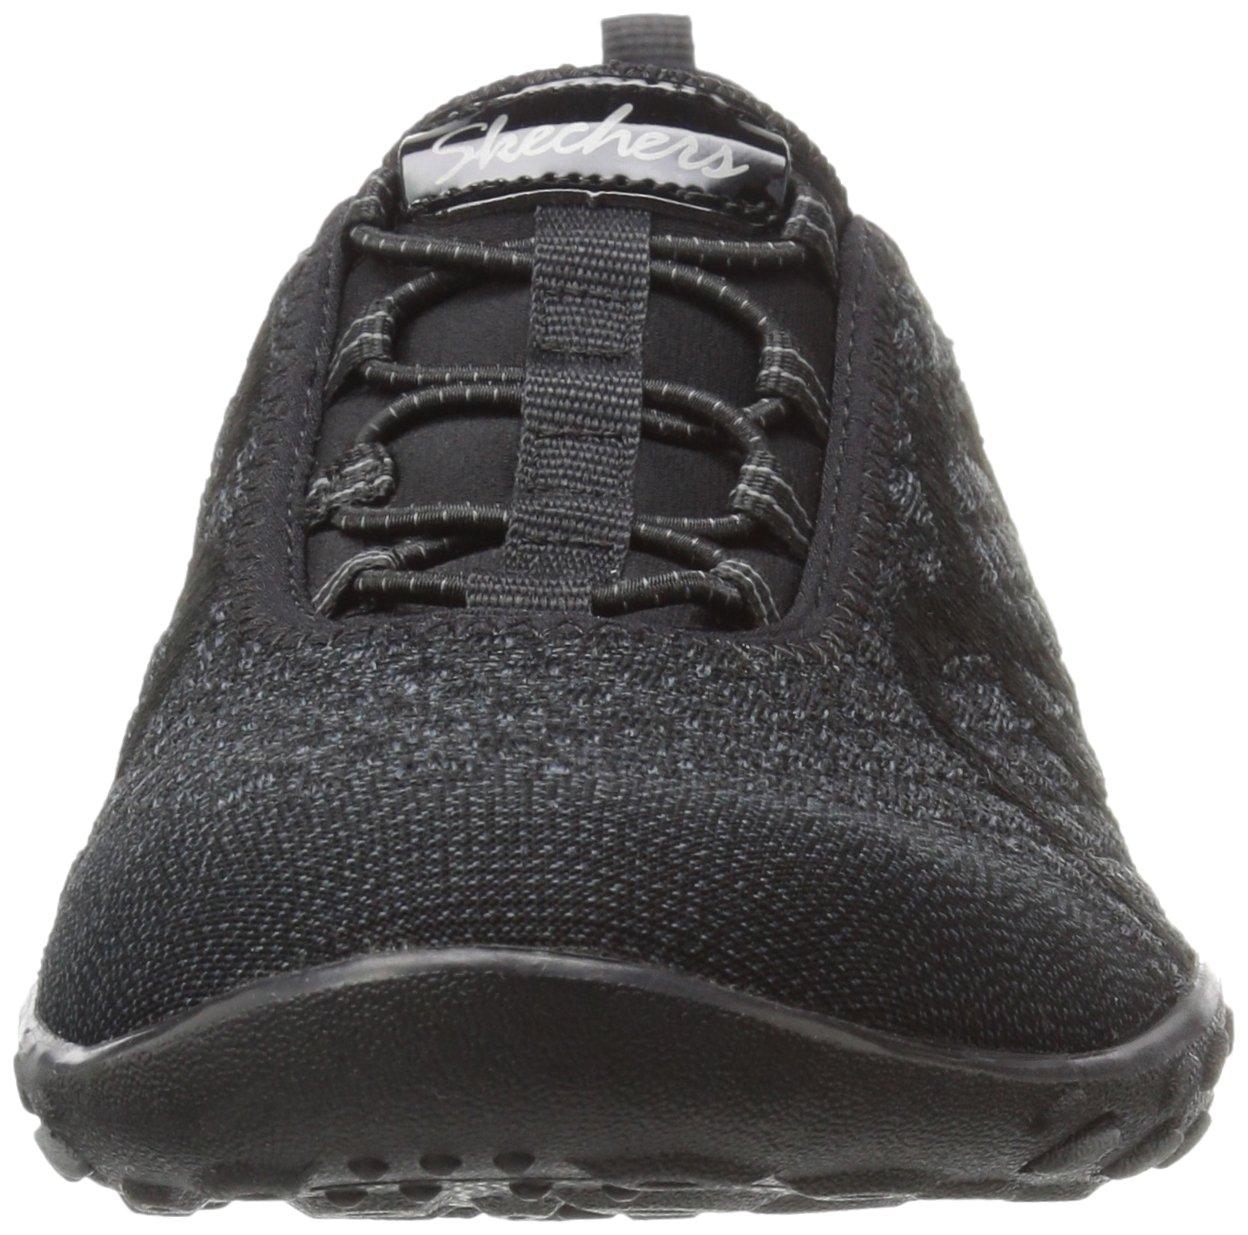 Skechers Sport Women's Breathe Easy Fortune Fashion Sneaker,Black Knit,5.5 M US by Skechers (Image #4)